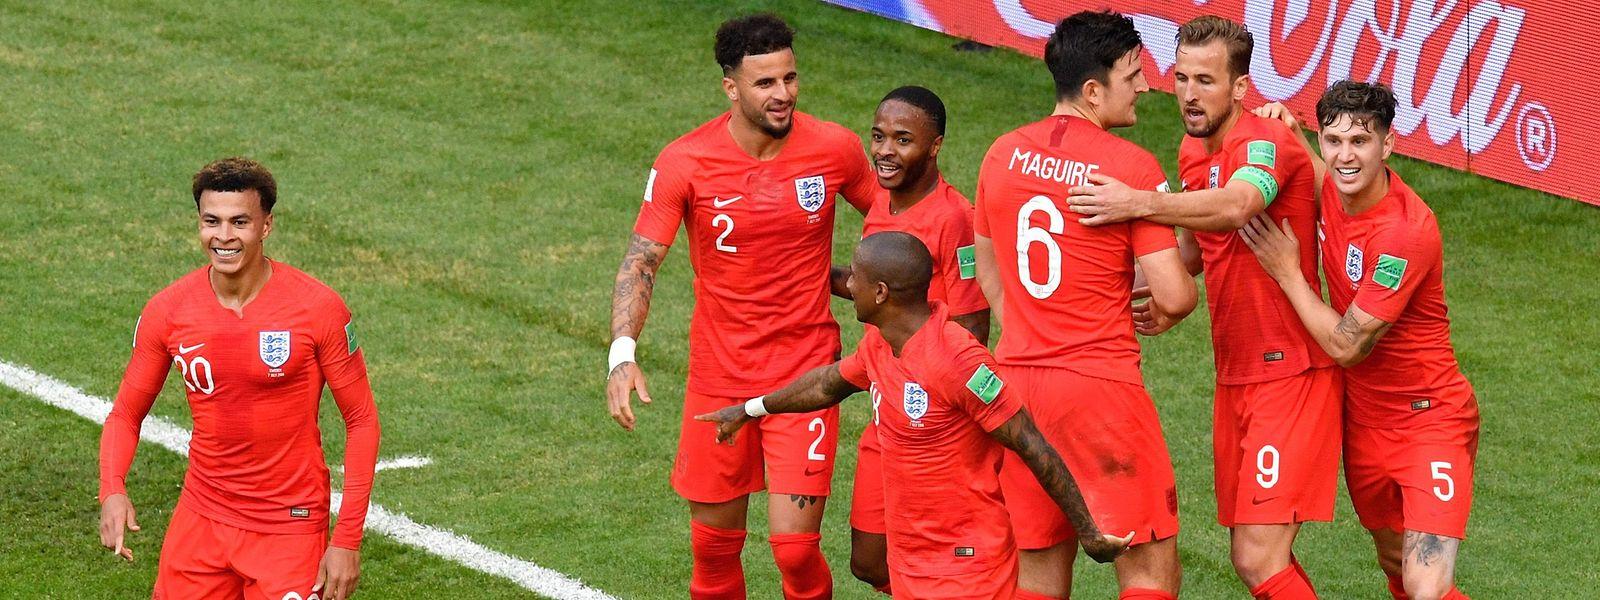 Torschütze Dele Alli (l.) grinst, der Rest des Teams liegt sich in den Armen. England steht im Halbfinale.